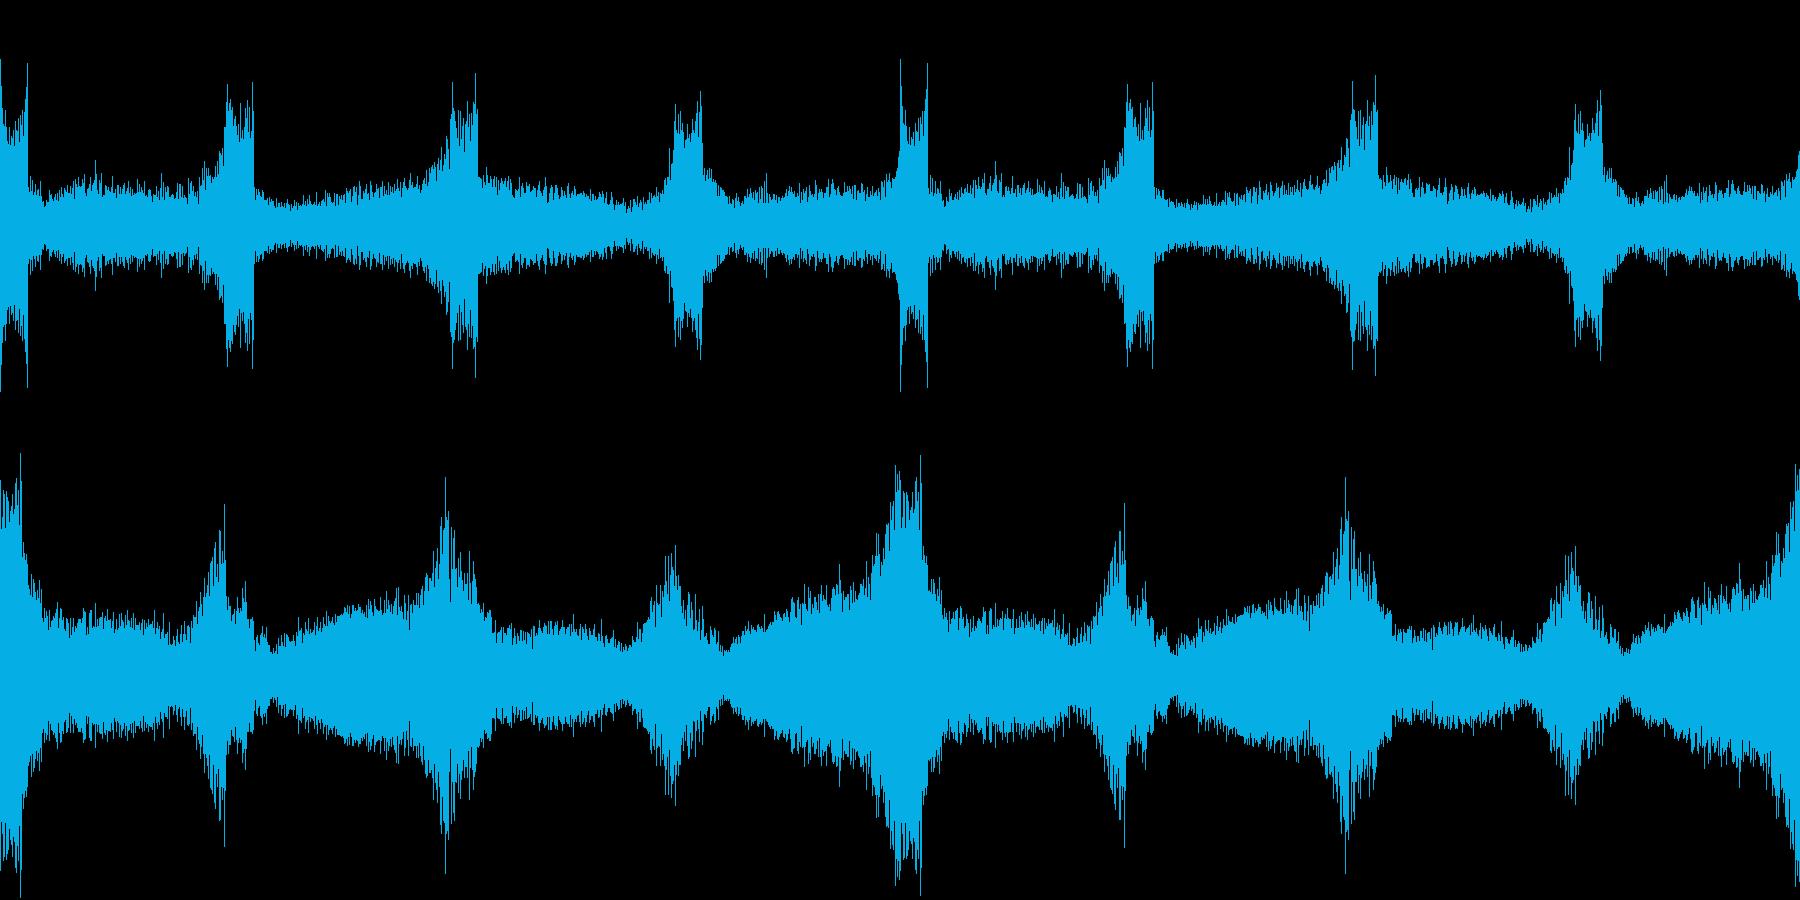 風が大気を揺らすような環境音LOOPの再生済みの波形